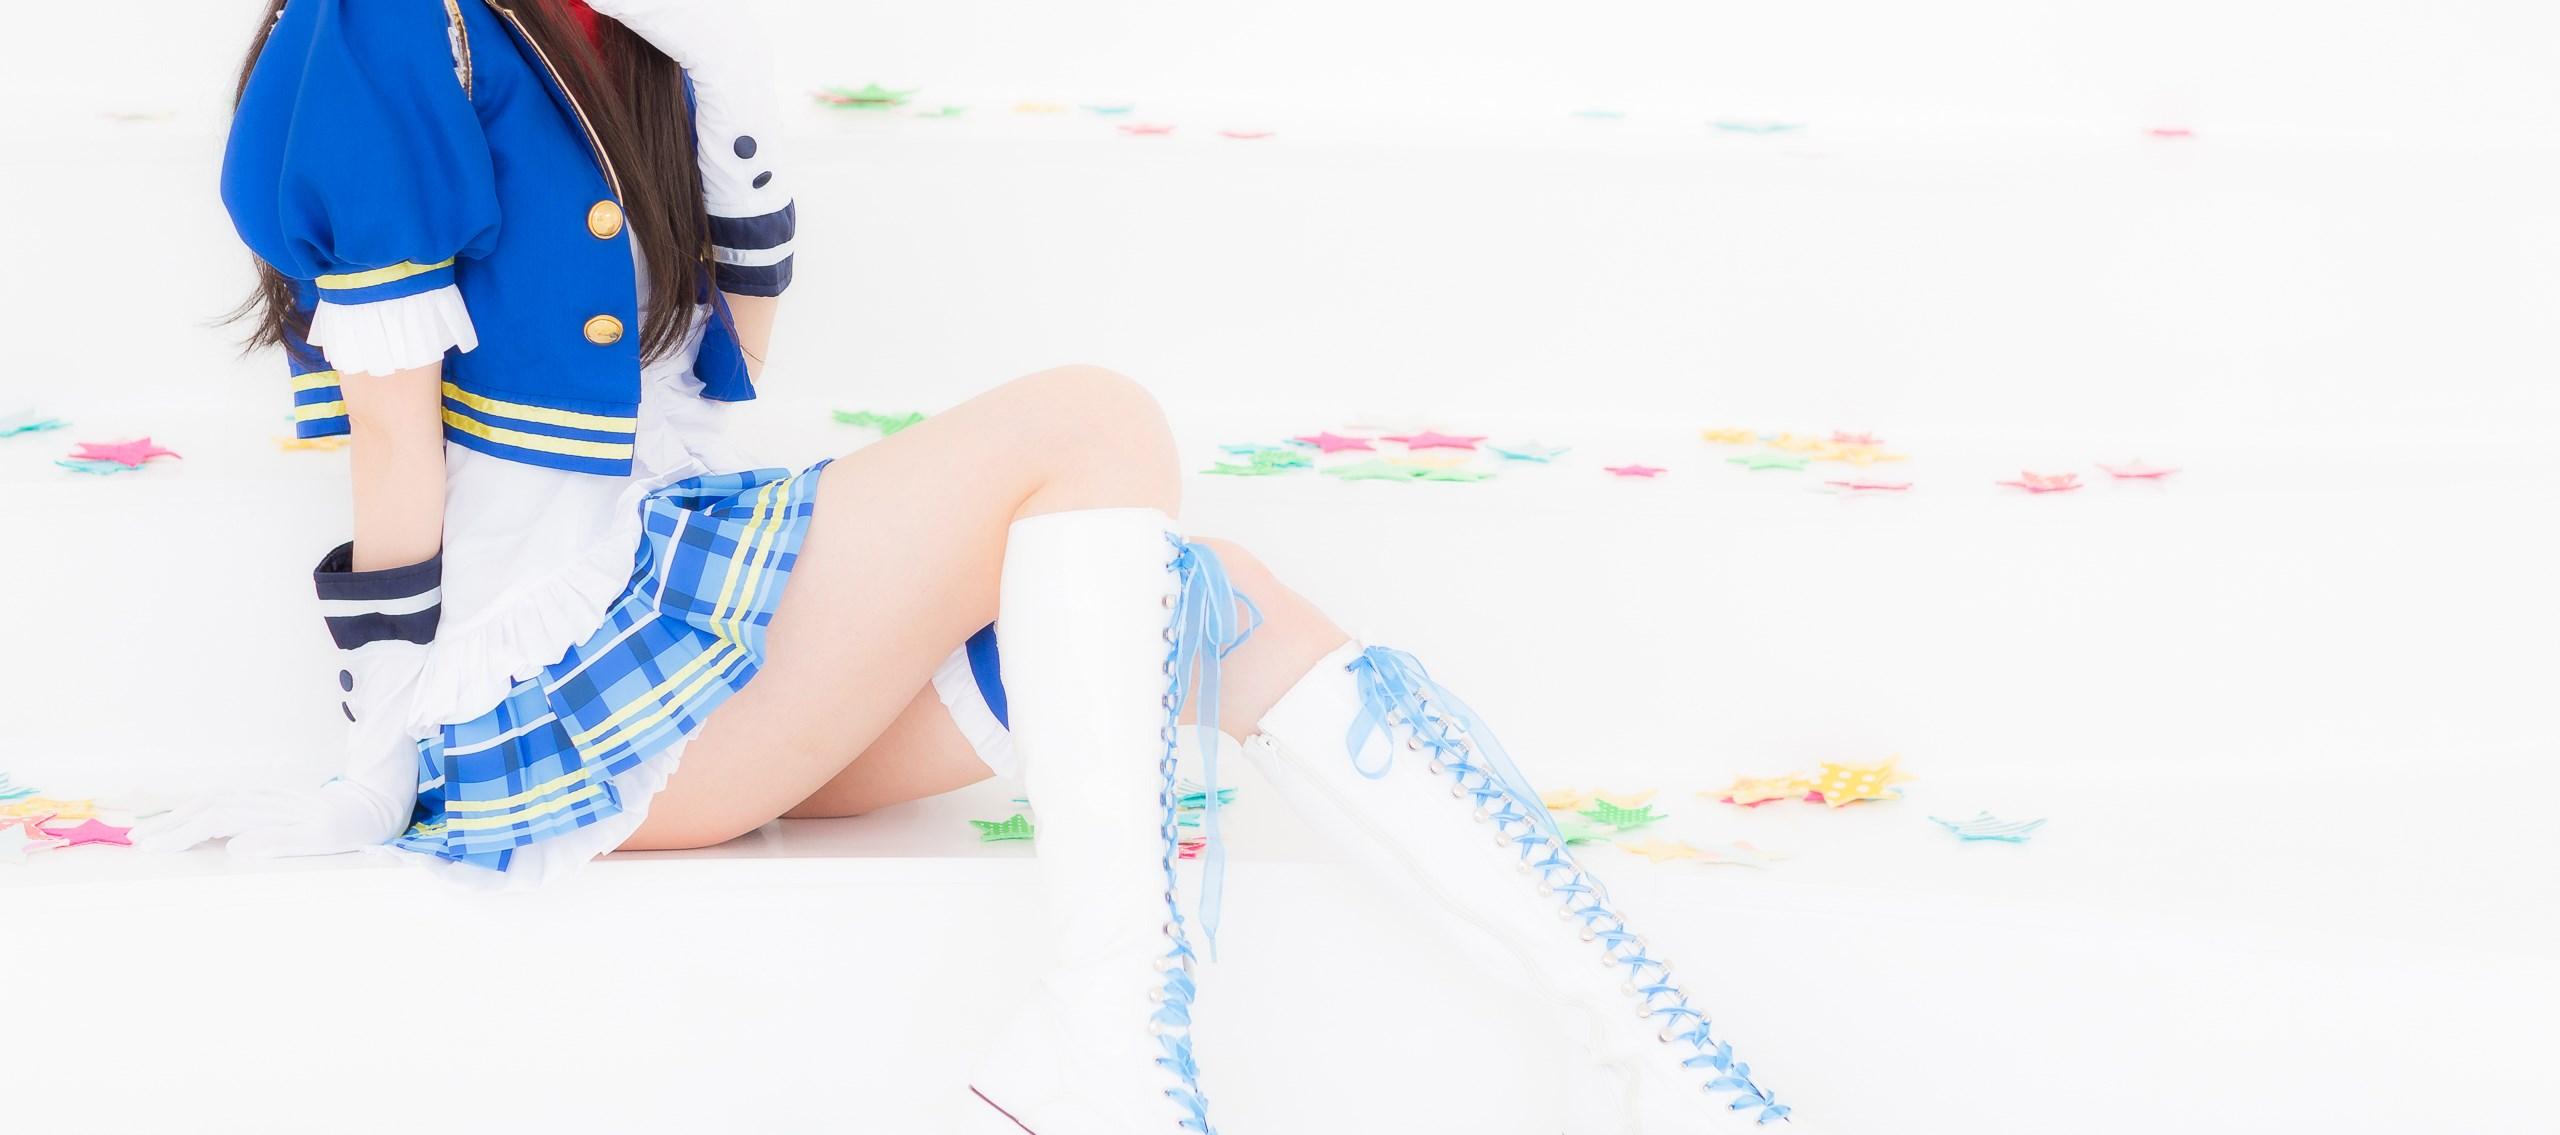 【兔玩映画】少女制服爱豆 兔玩映画 第20张